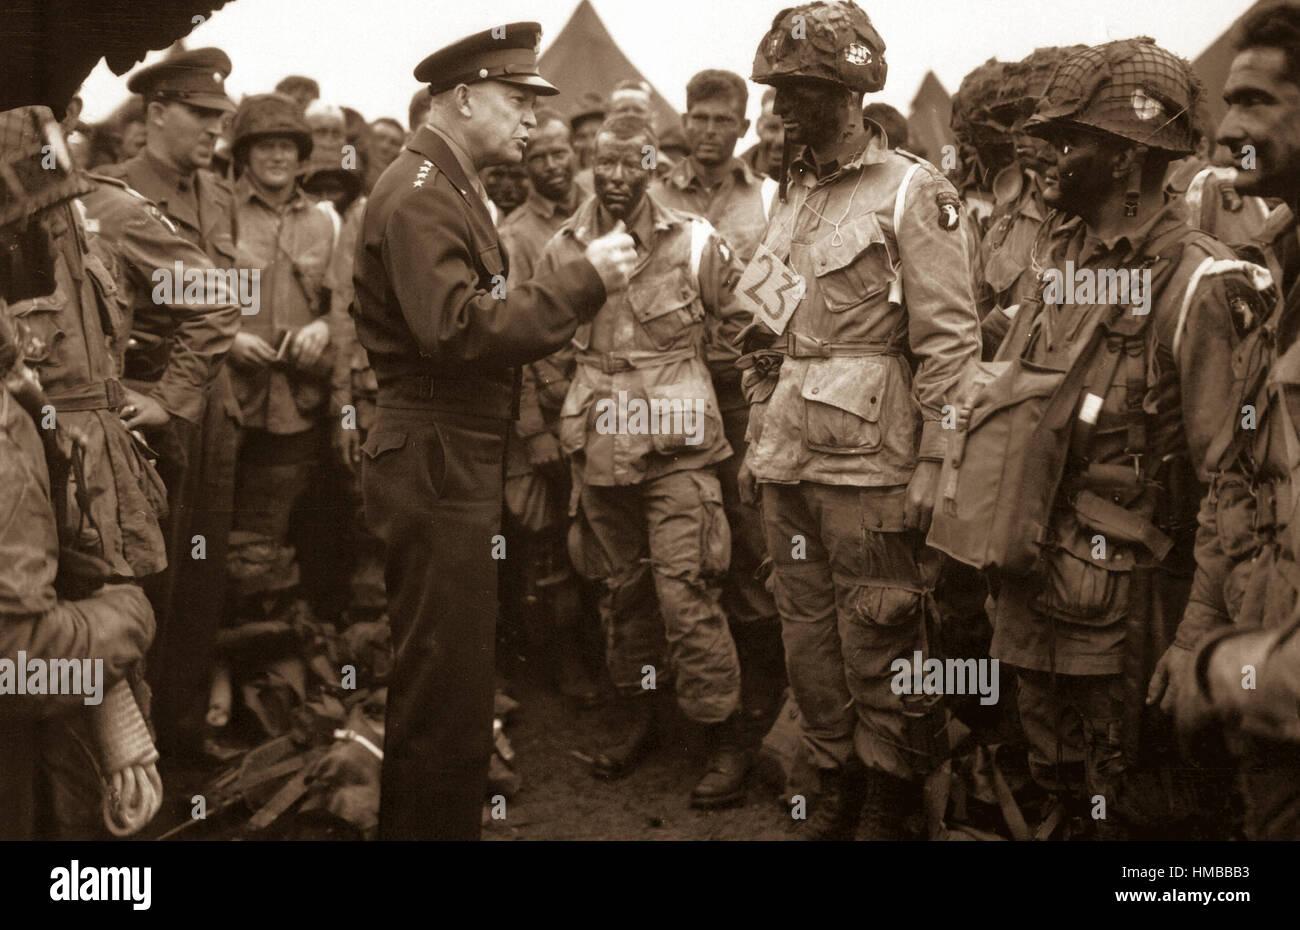 Groß Armee Sergeant Lebenslauf Bilder - Beispiel Wiederaufnahme ...